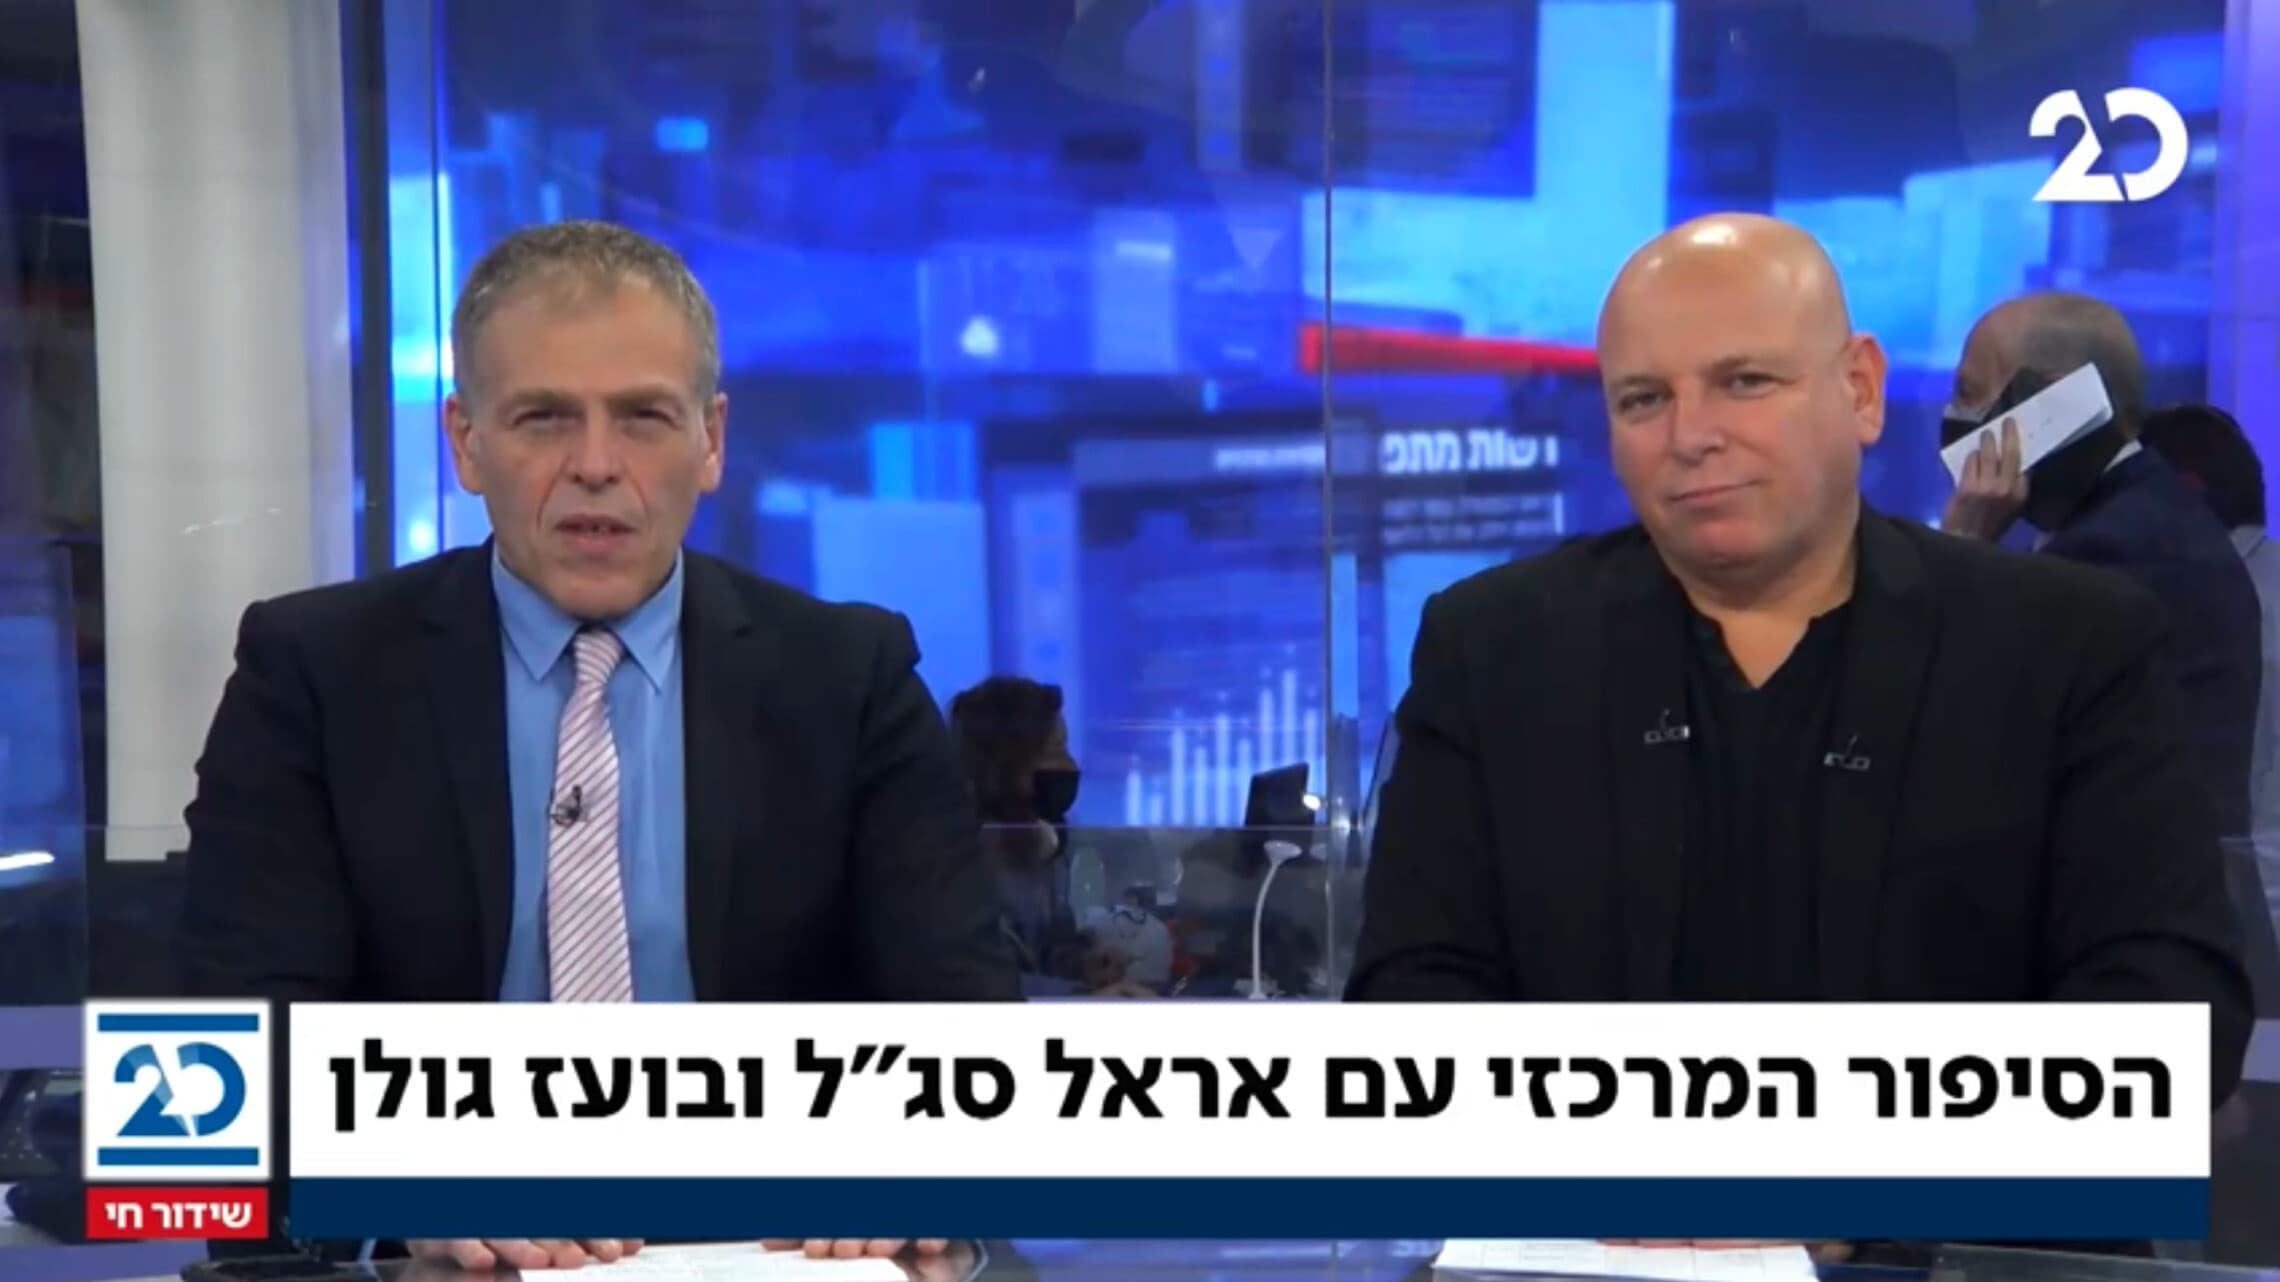 """בועז גולן ואראל סג""""ל מגישים את התוכנית """"הסיפור המרכזי"""" בערוץ 20 (צילום: צילום מסך)"""